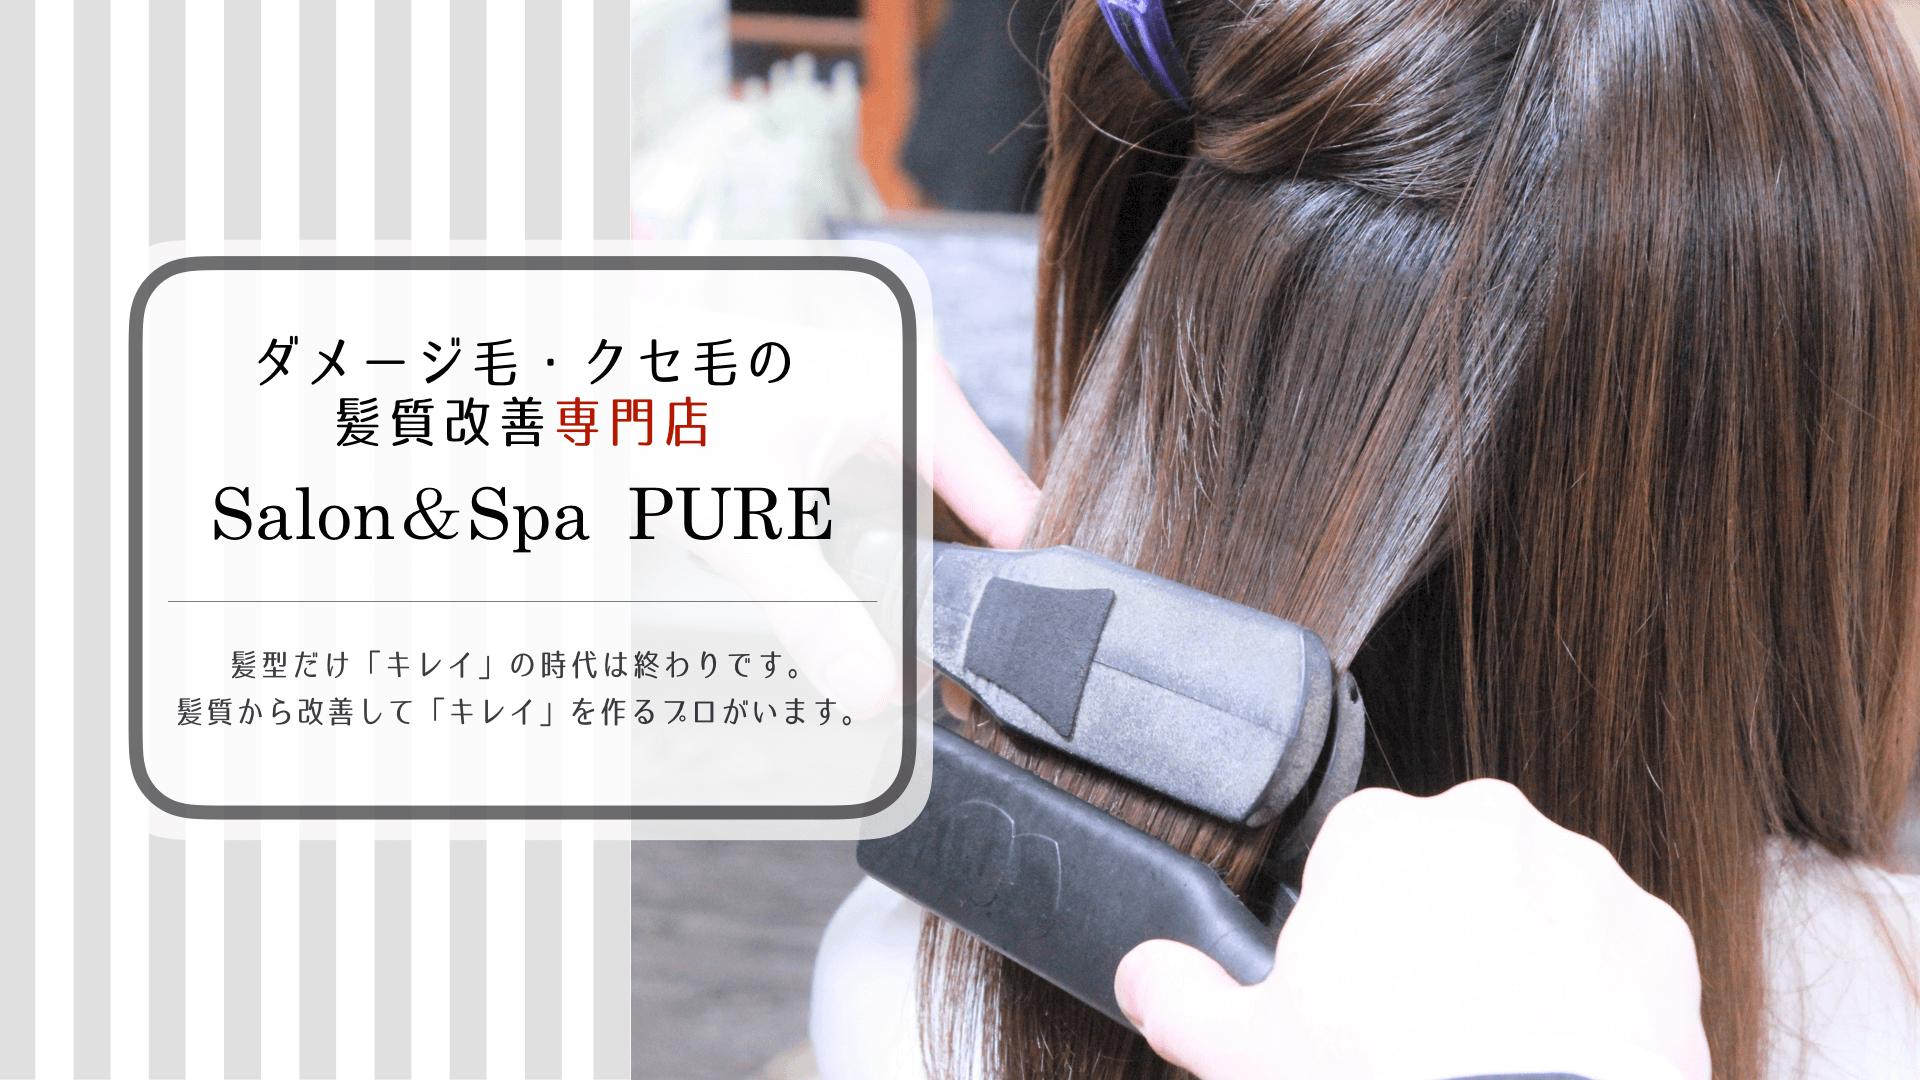 埼玉県坂戸市の美容室 Salon&Spa PURE